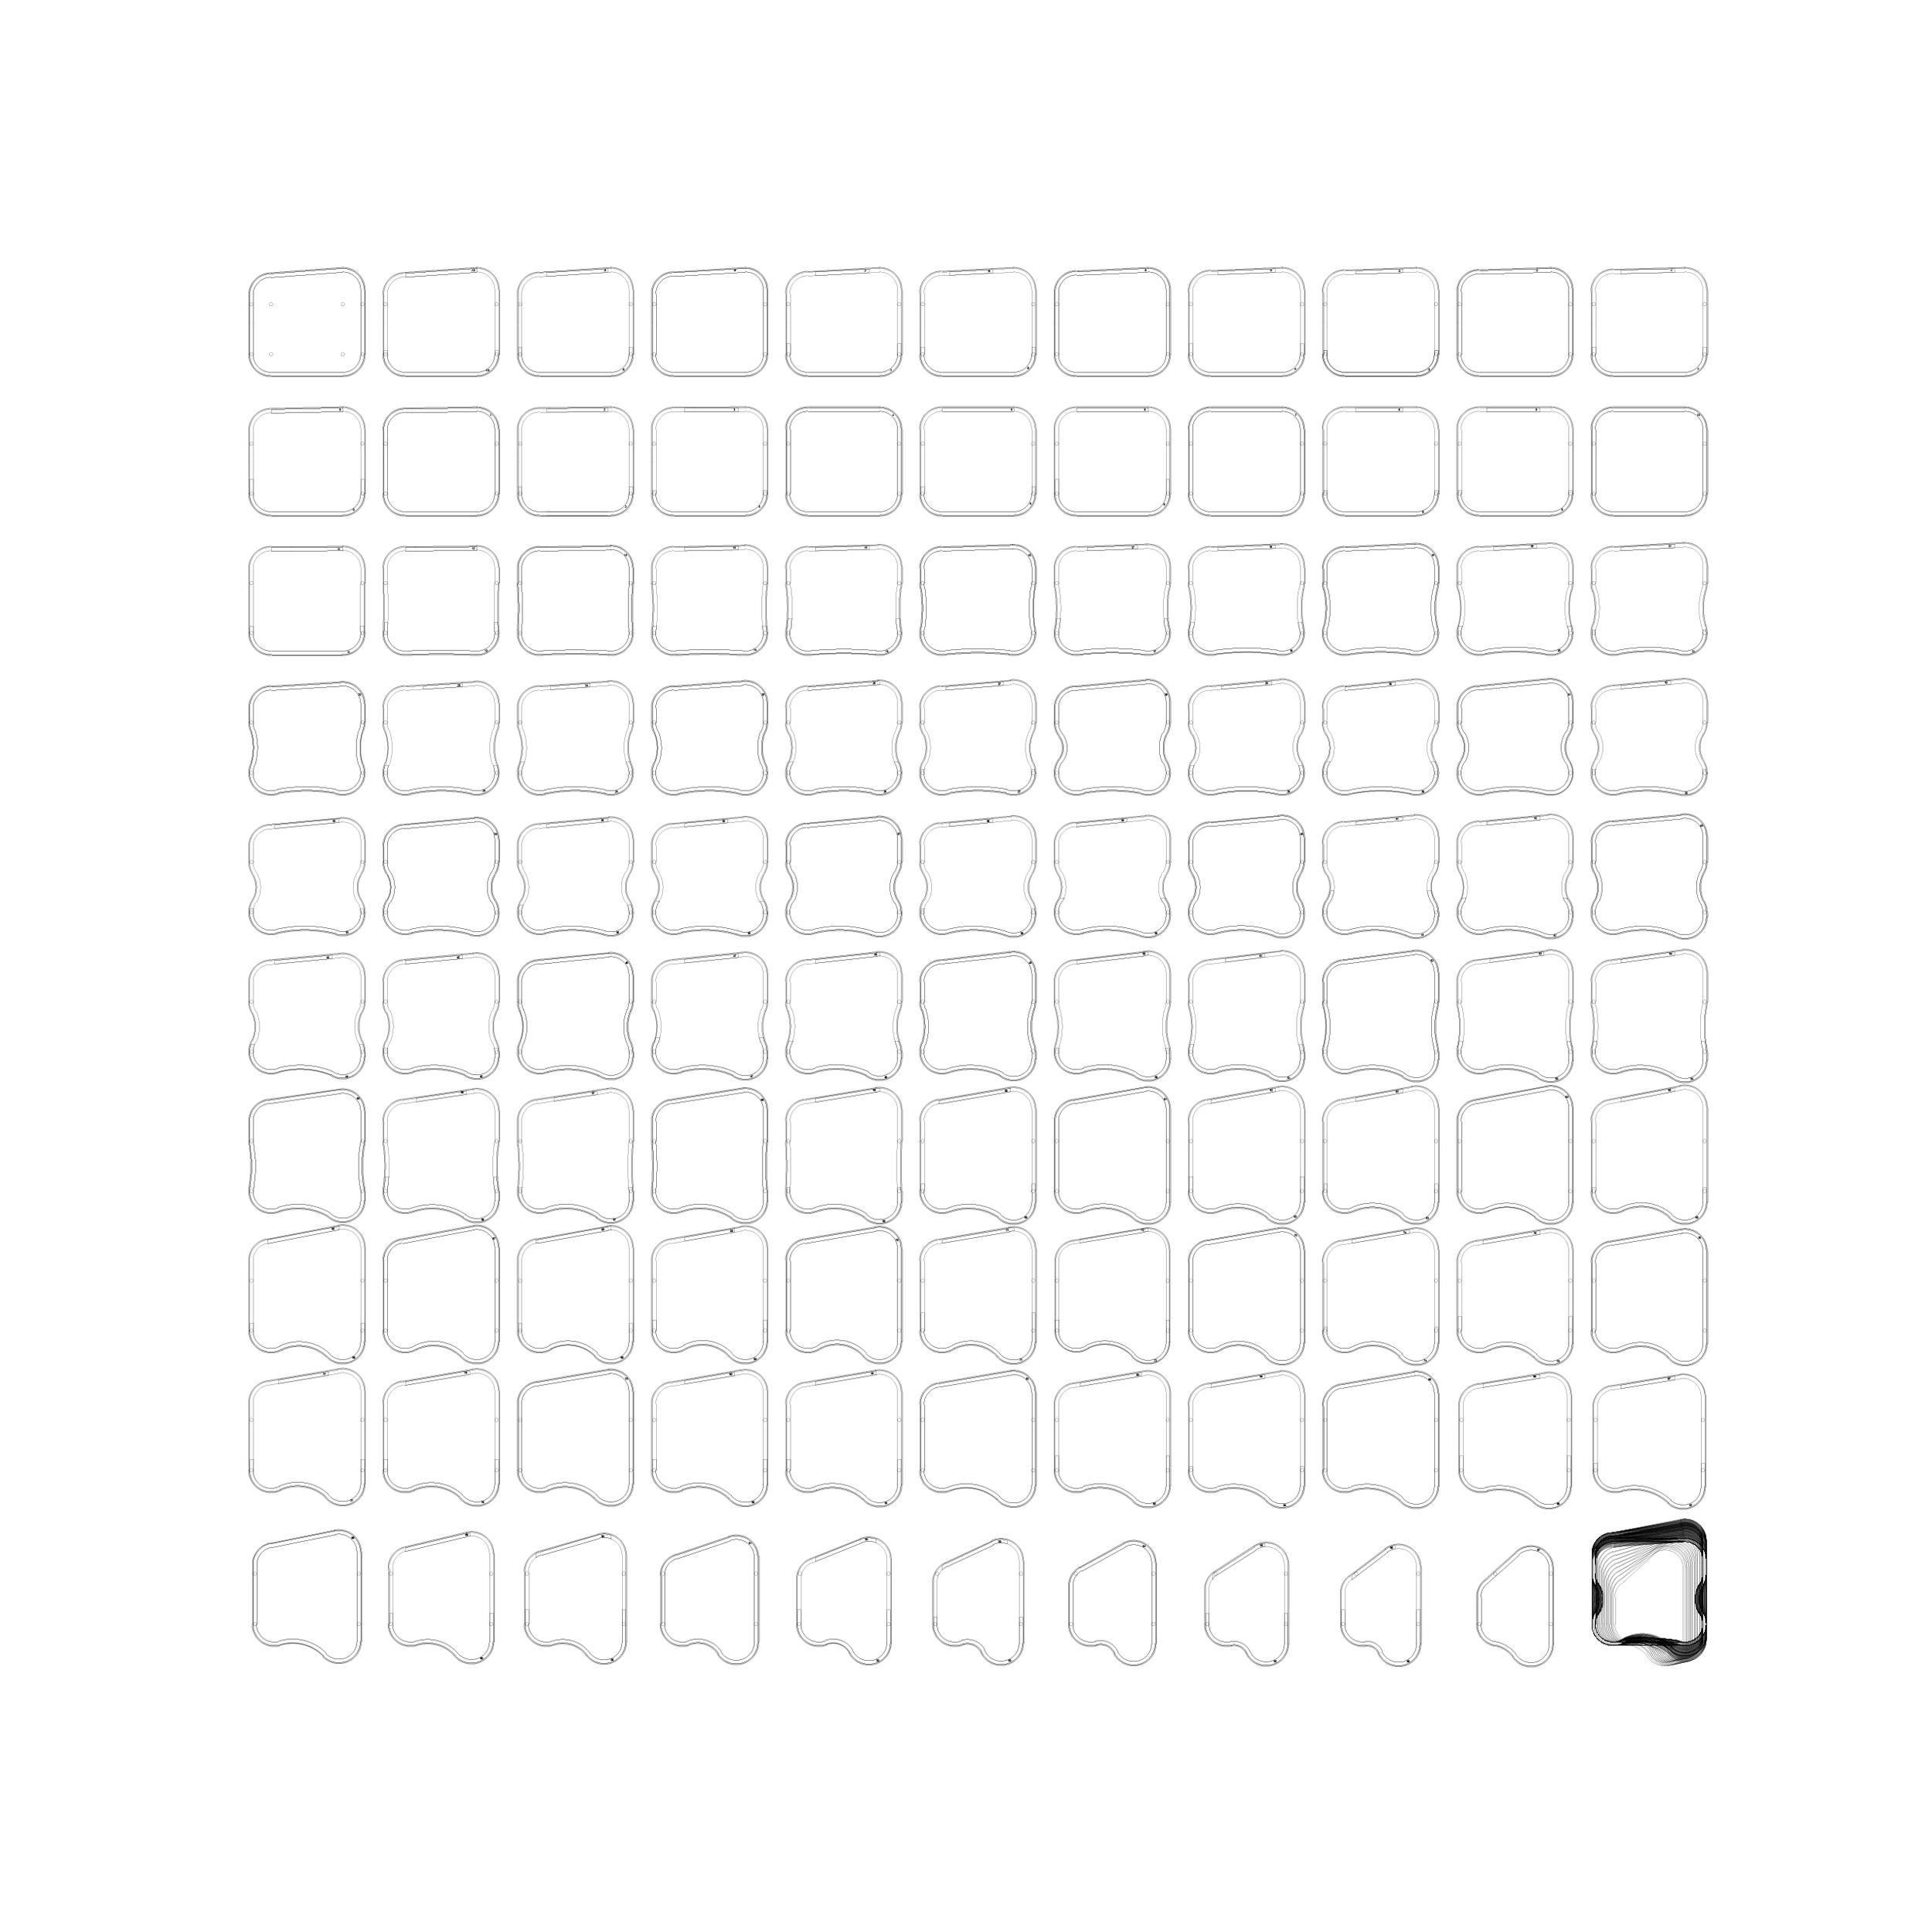 rotate-drawings-03.jpg